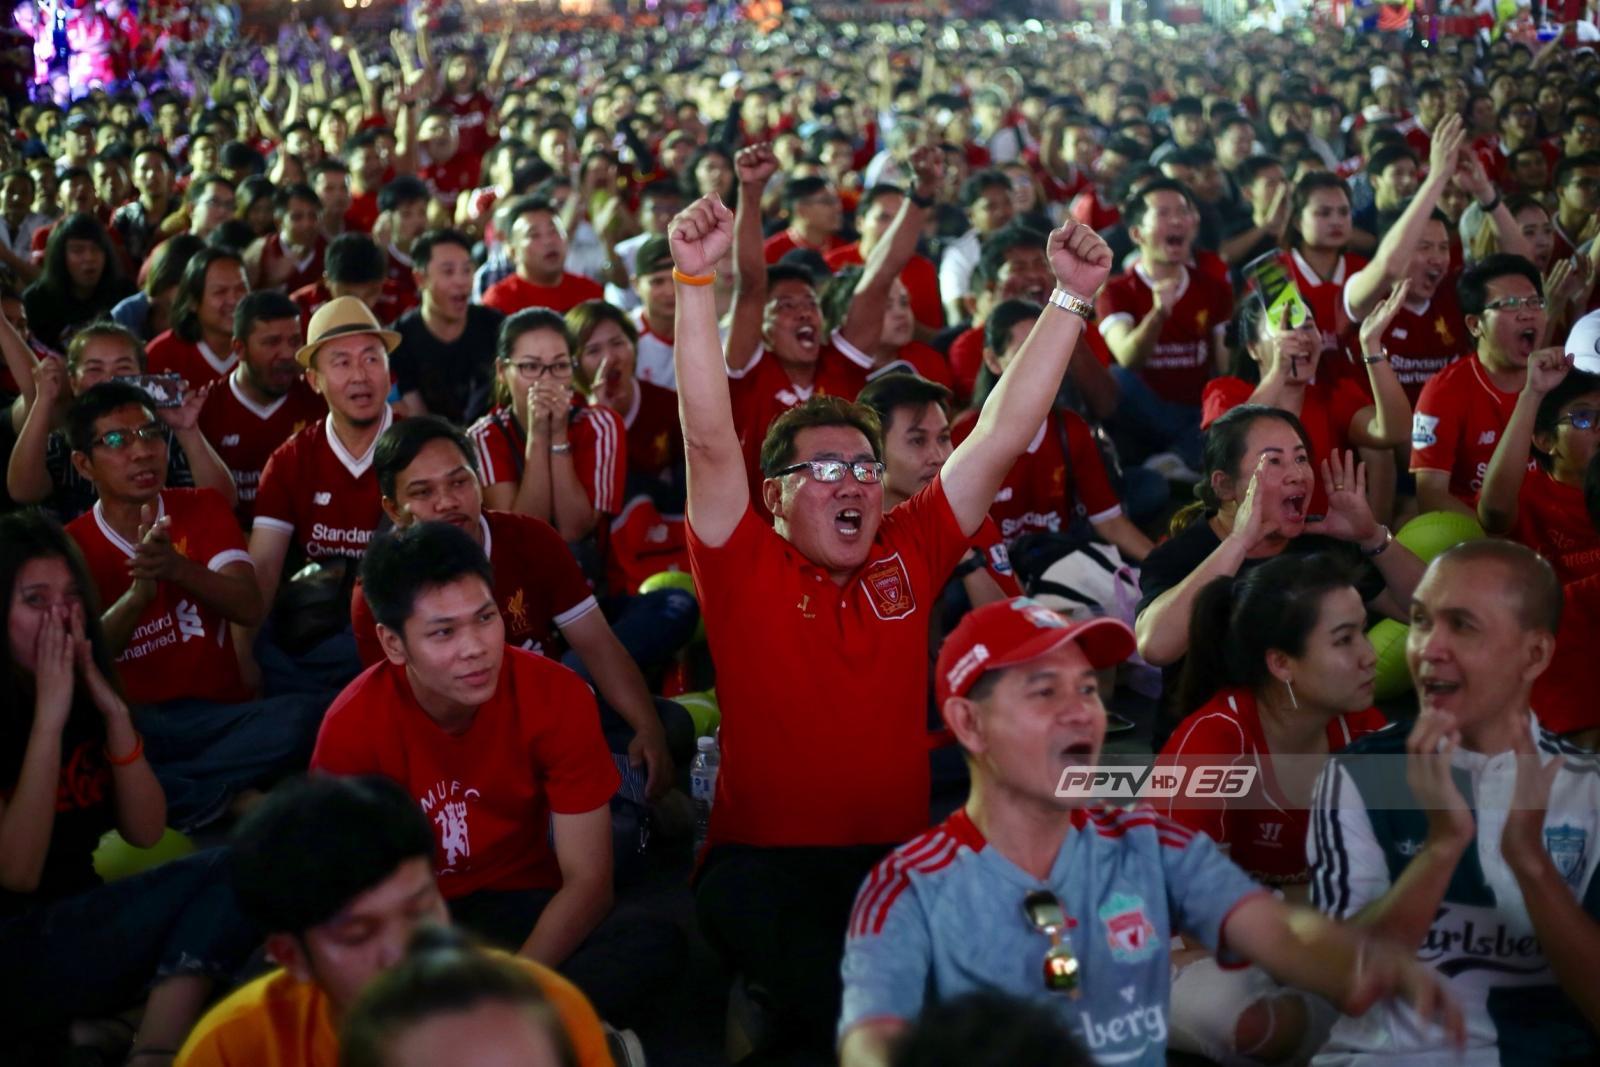 """สนุกสุดมันส์ !! แฟนบอล """"แมนฯยูไนเต็ด - ลิเวอร์พูล"""" ร่วมดูบอลจอยักษ์ศึกแดงเดือด"""